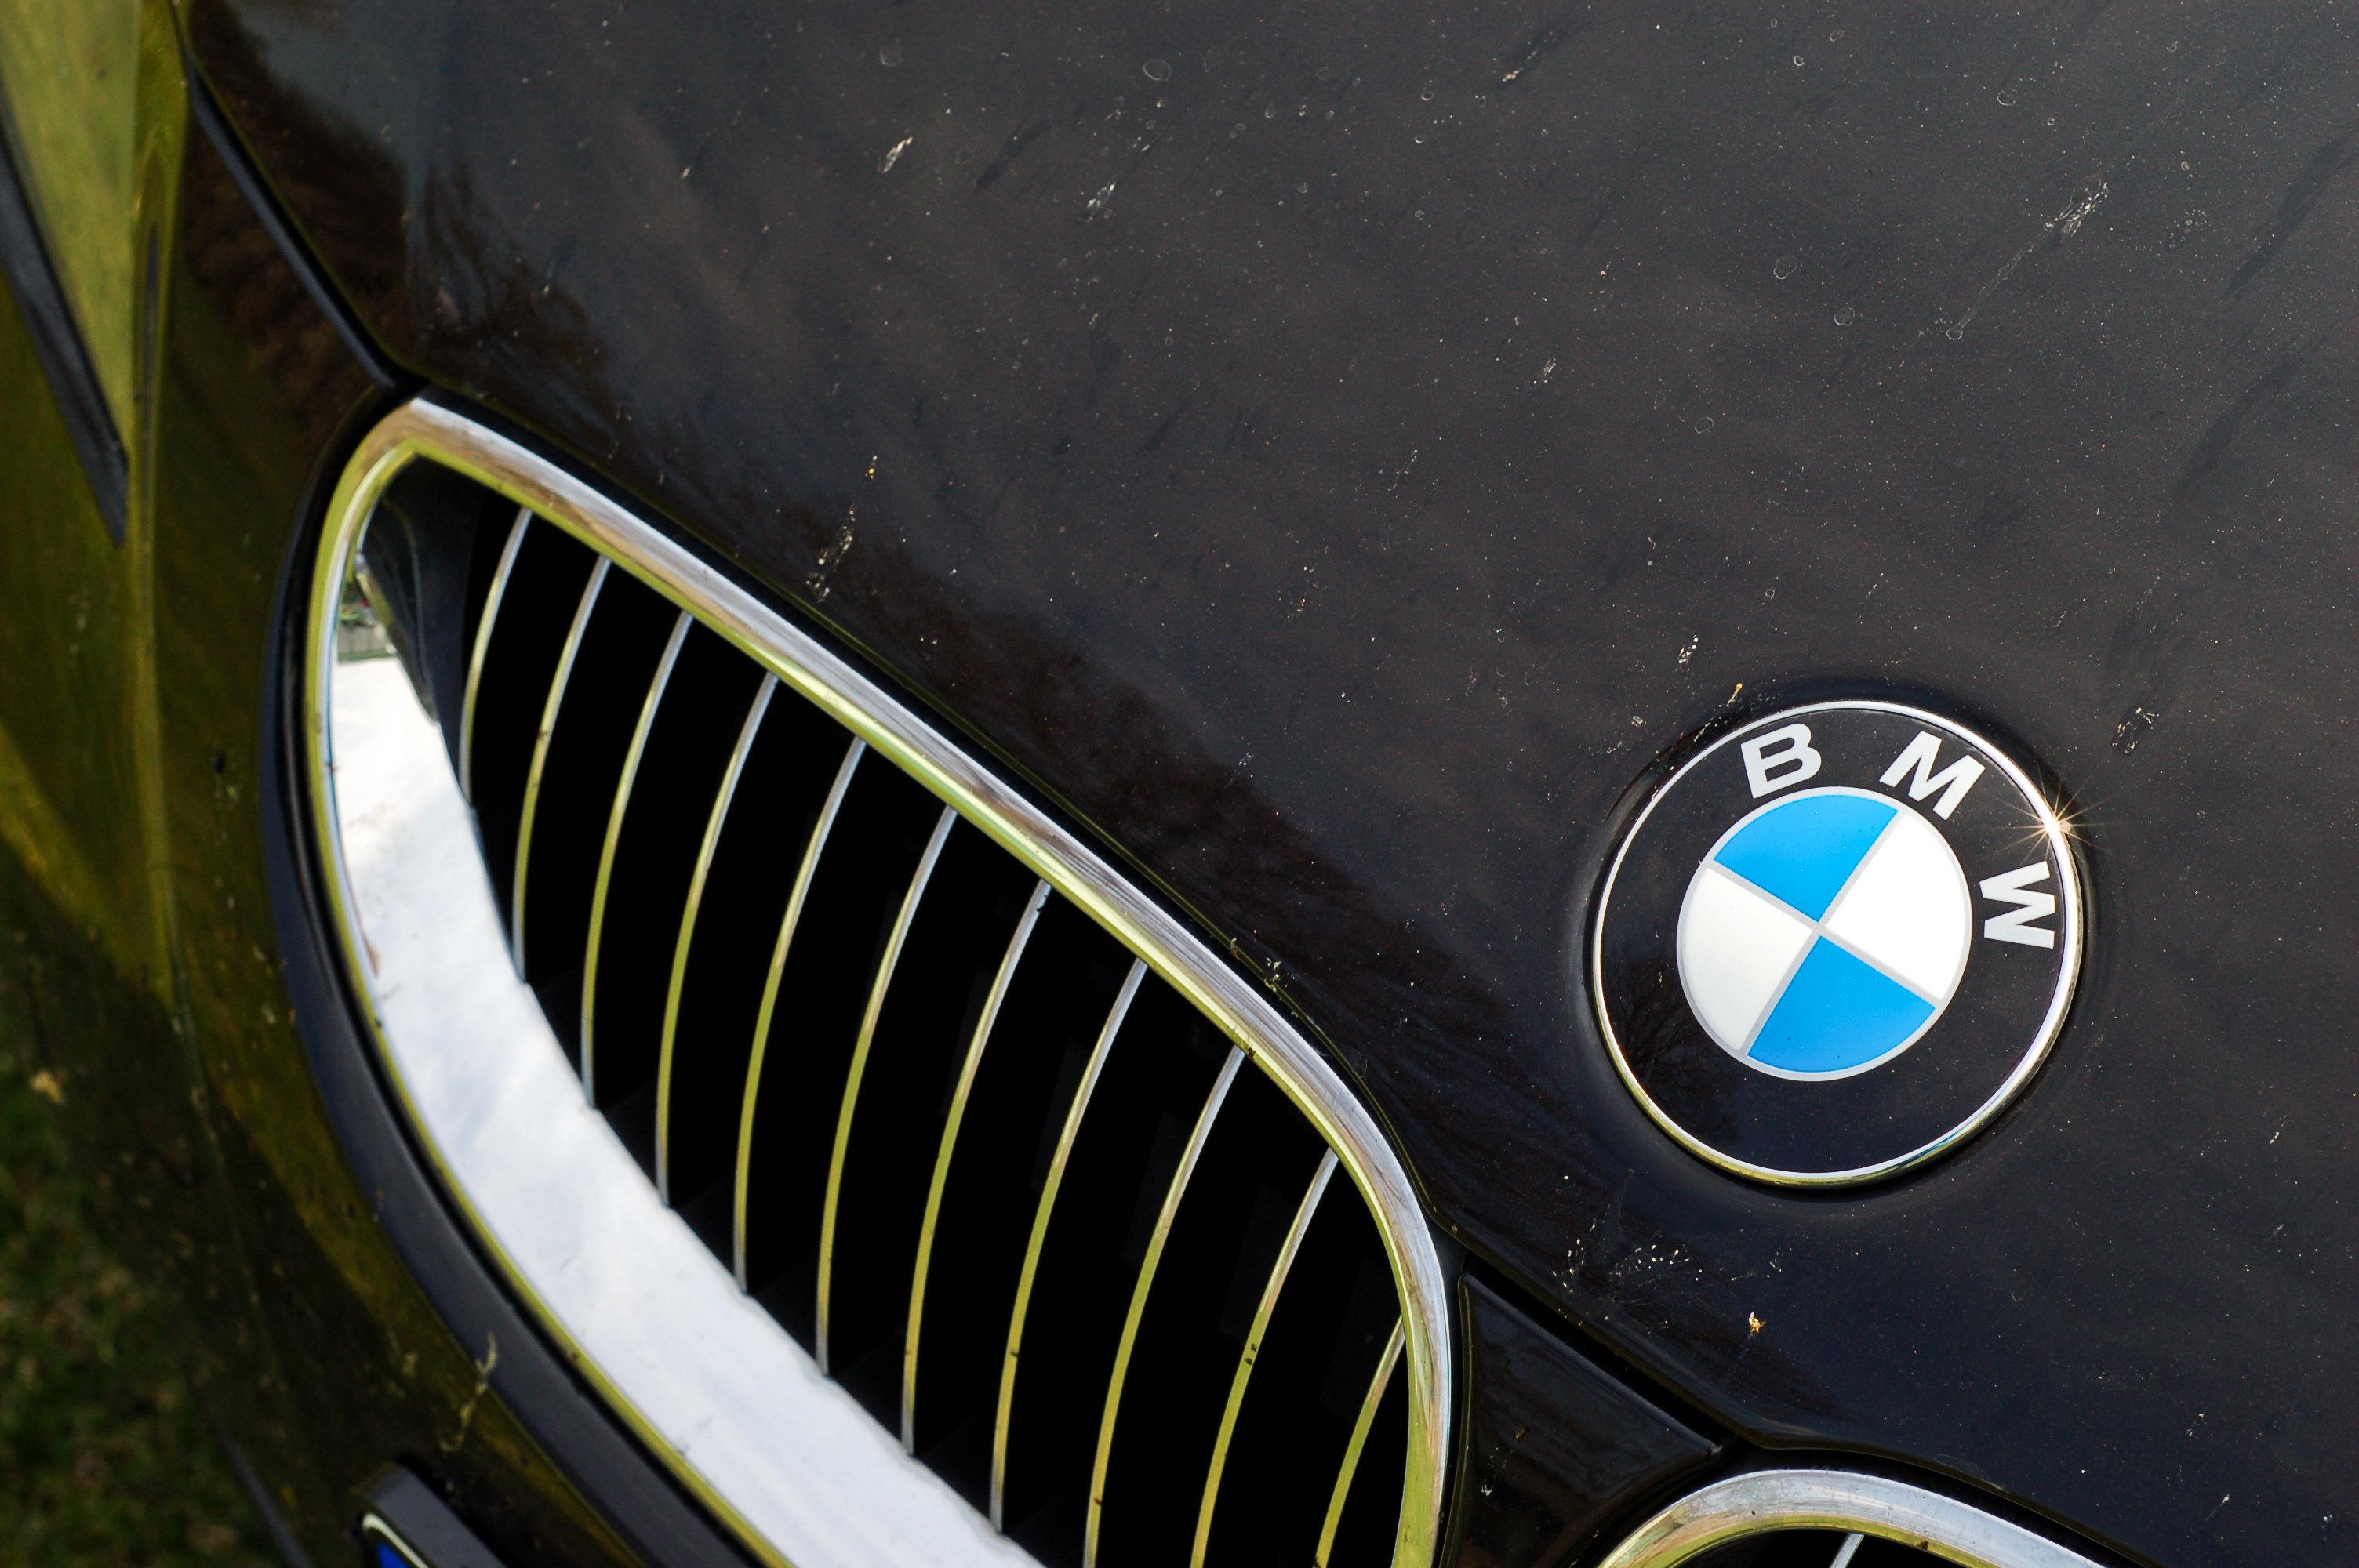 중고차 딜러들이 'BMW 중고거래시 유의해야 할 점'에 대해